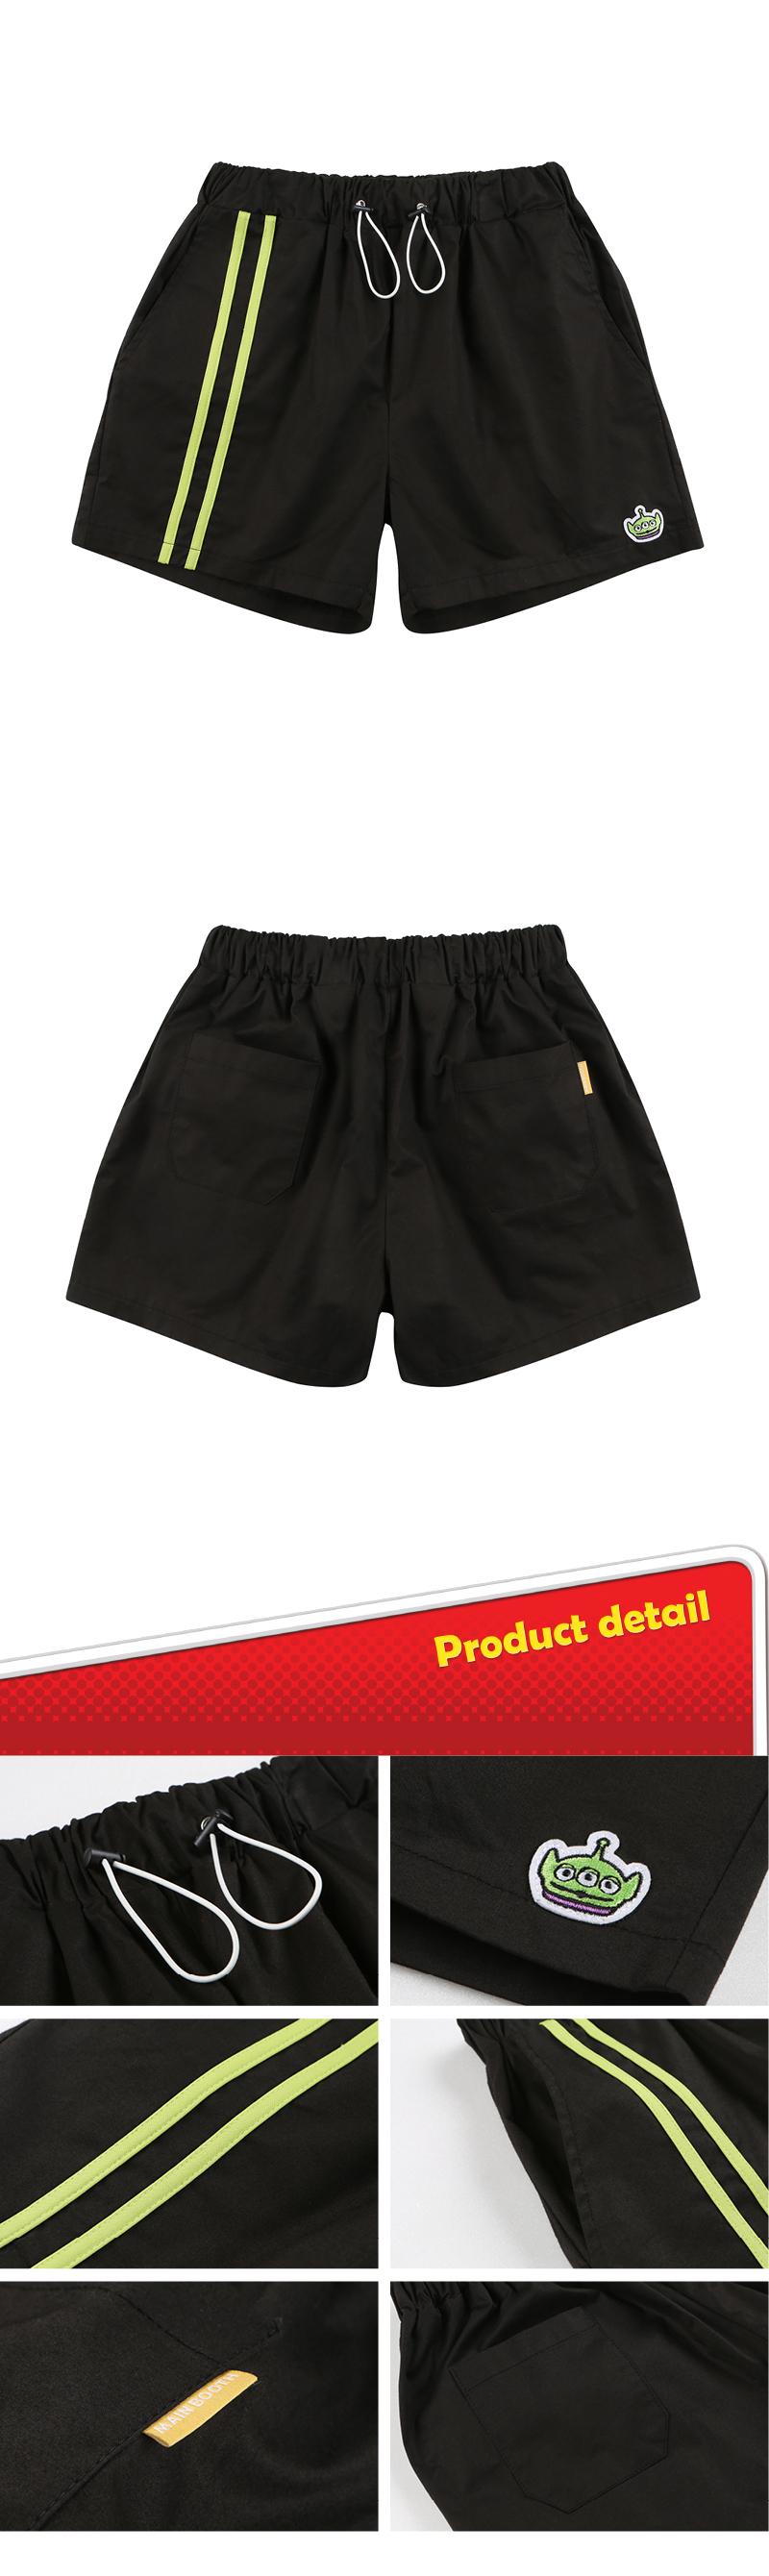 메인부스(MAINBOOTH) Toy Story Pants(BLACK)